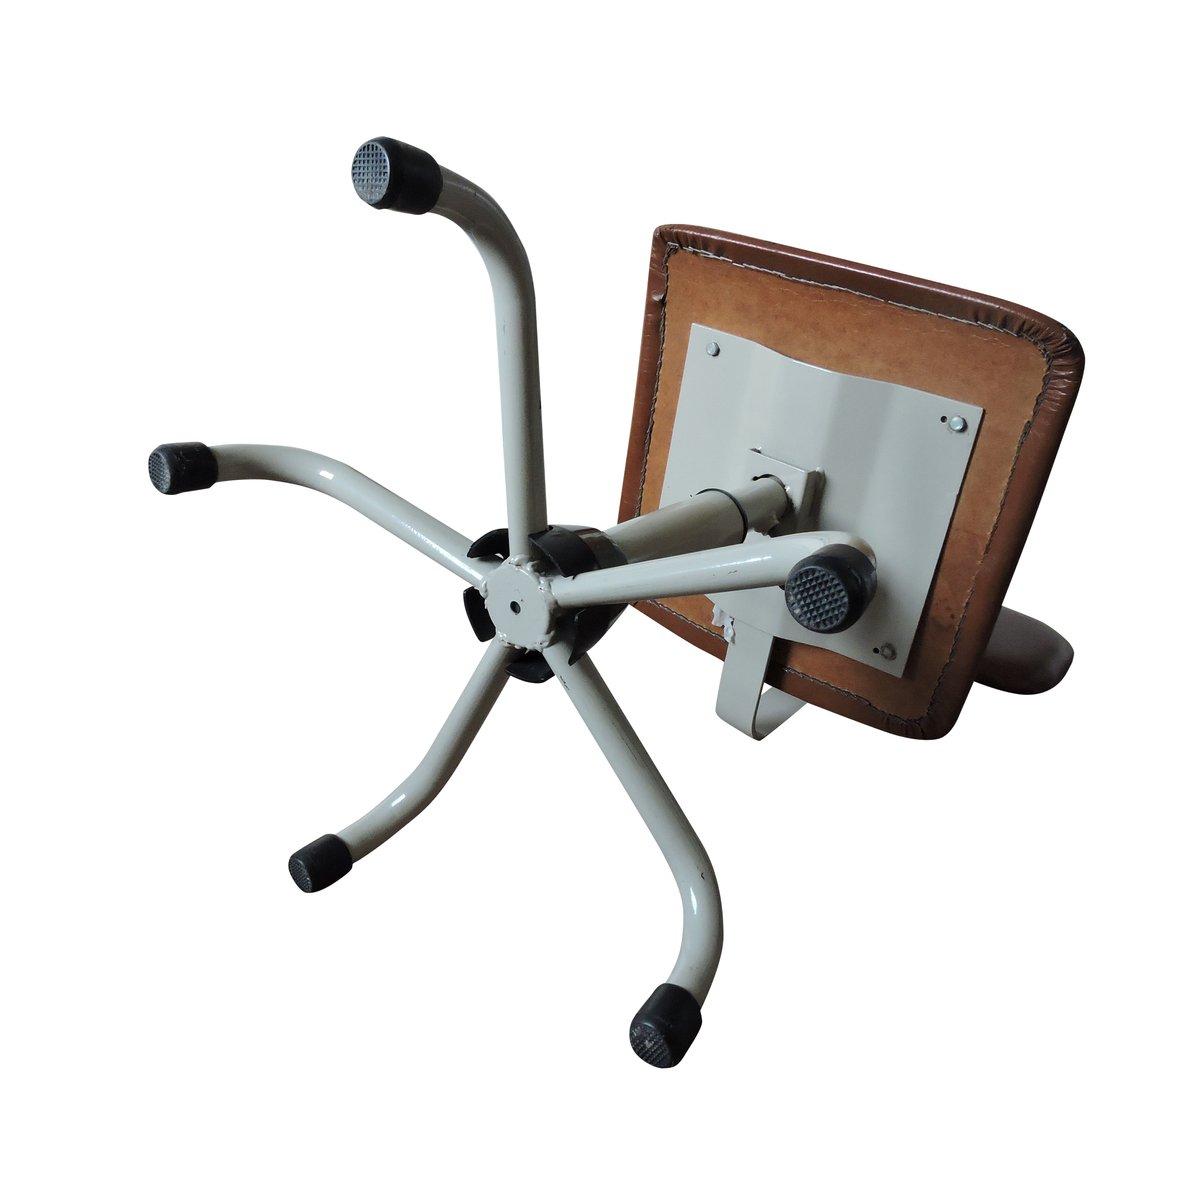 Chaise de bureau vintage bordeaux grise 1970s en vente sur pamono - Bureau virtuel bordeaux 3 ...